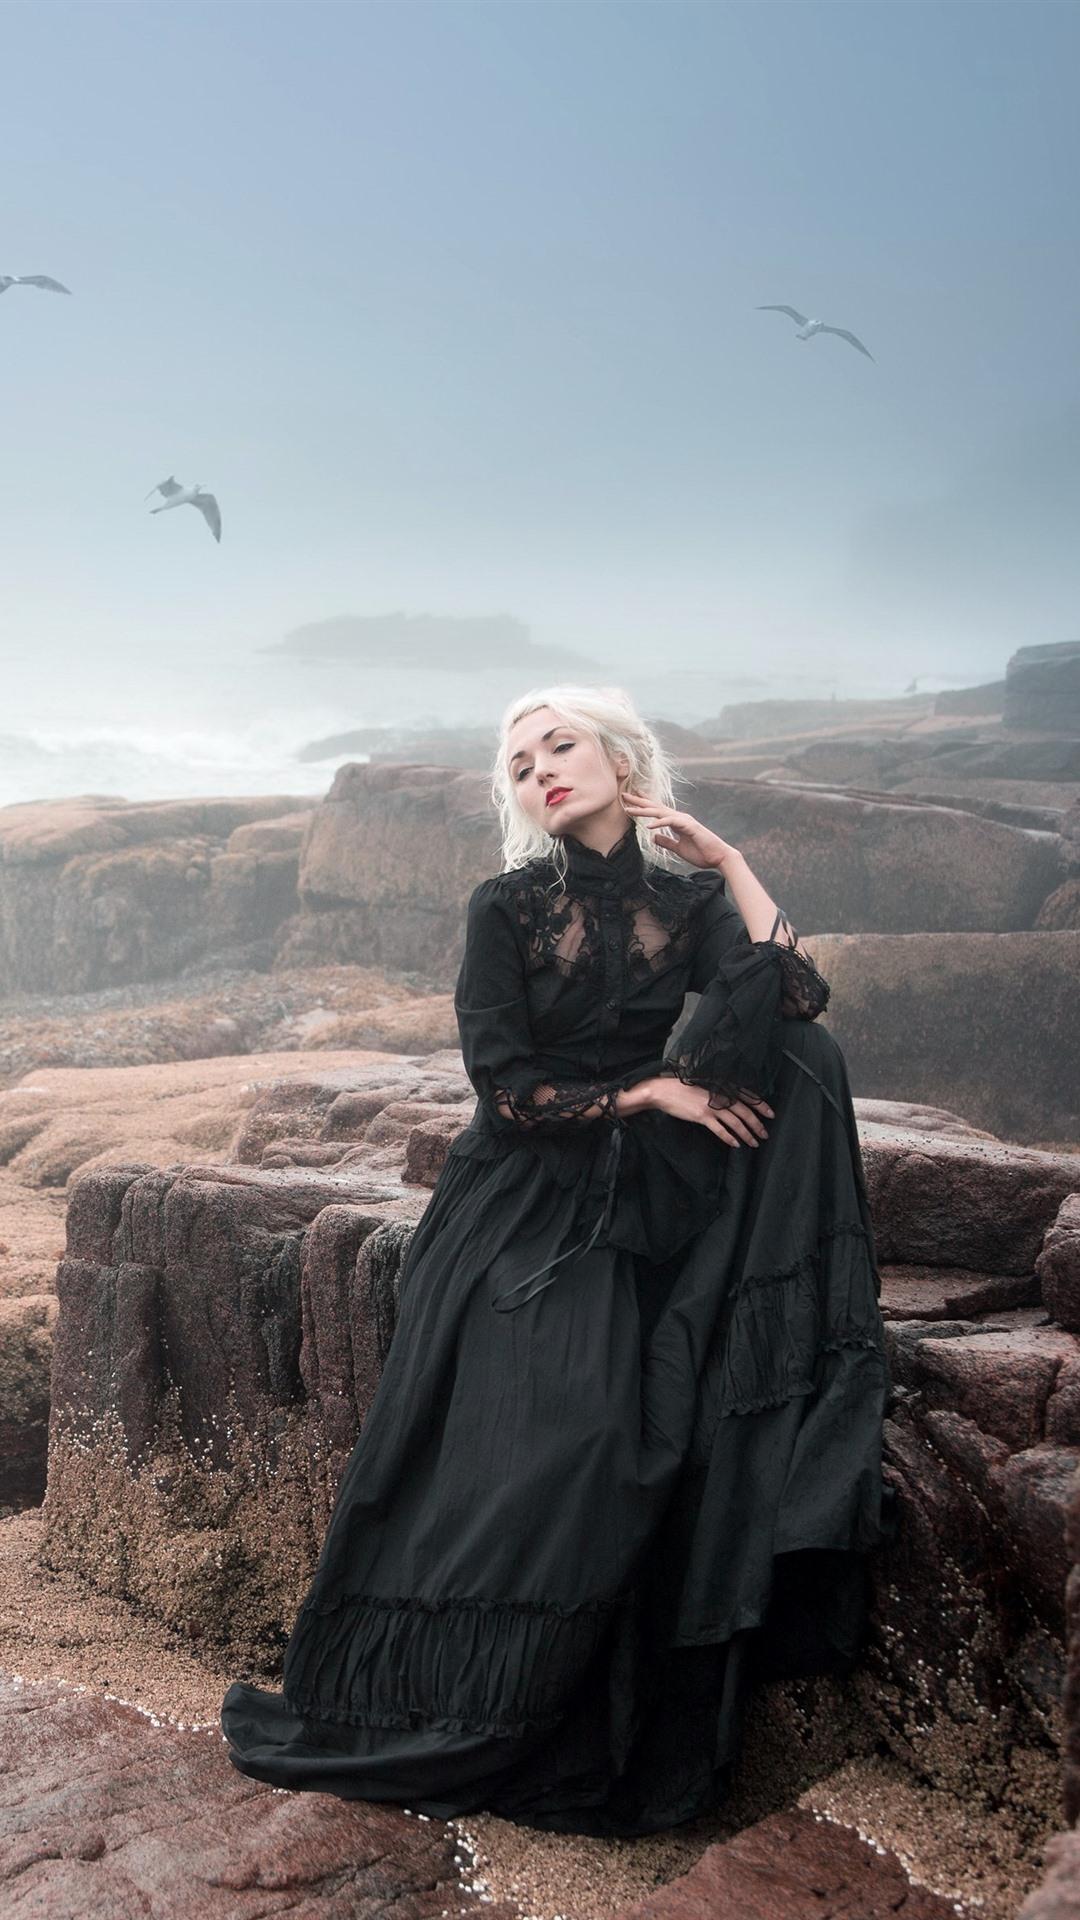 黒いスカートブロンドの女の子 霧 海 岩 鳥 1080x19 Iphone 8 7 6 6s Plus 壁紙 背景 画像